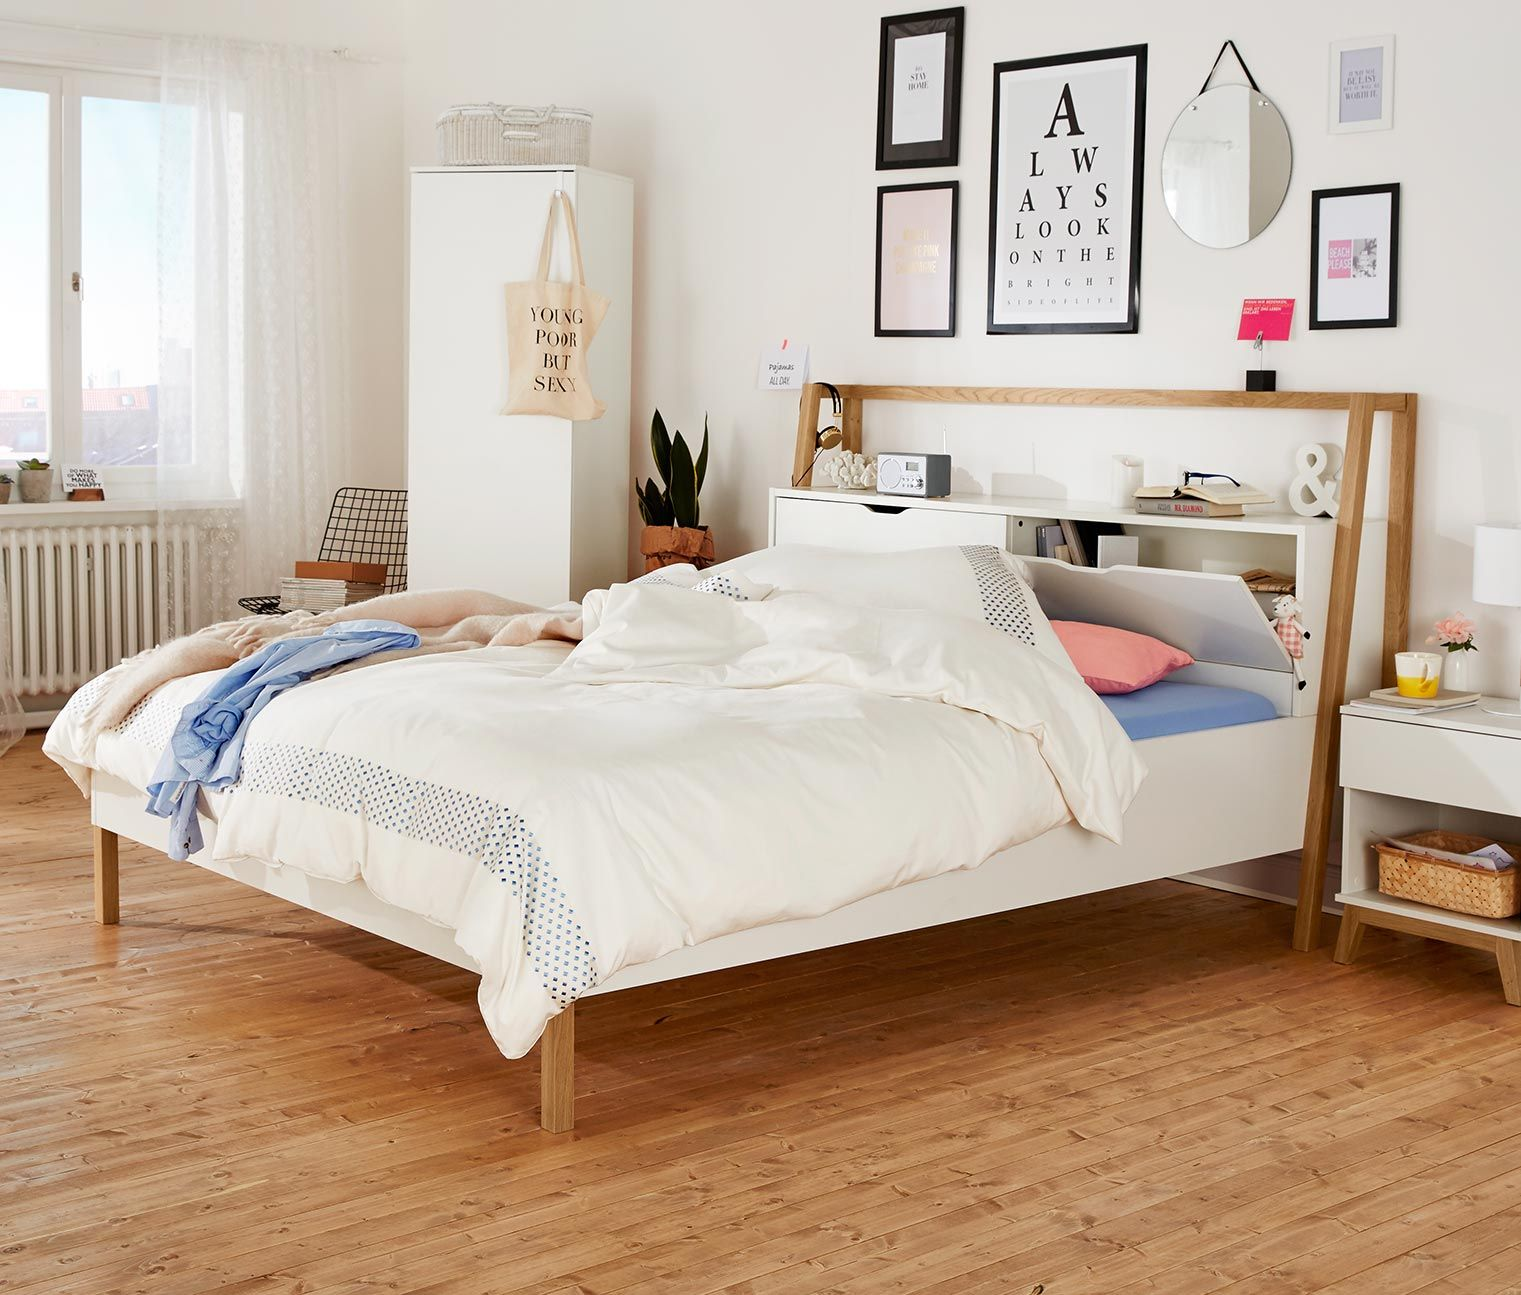 bett mit stauraumkopfteil tchibo pinterest bett raum und schlafzimmer. Black Bedroom Furniture Sets. Home Design Ideas